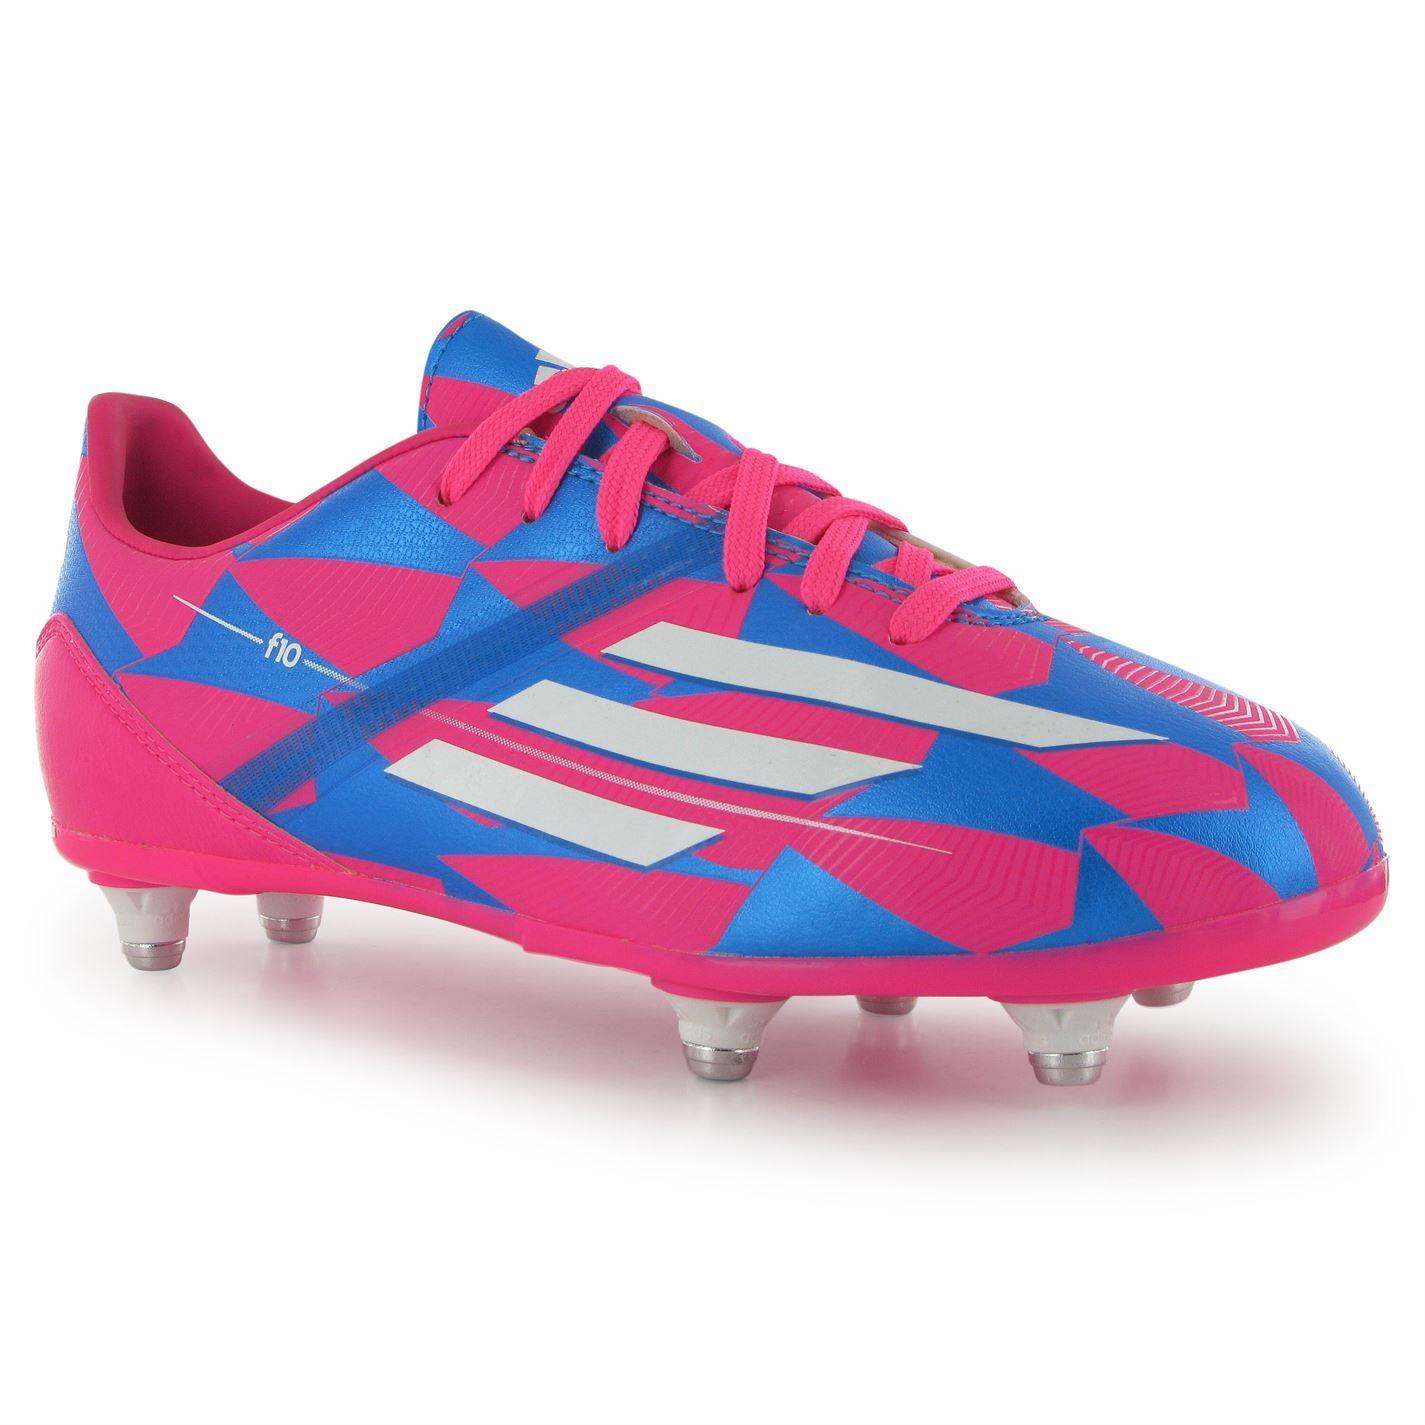 Adidas Football chicos F10 TRX SG Childrens Football Adidas Boots formadores studs Sport cc15a6